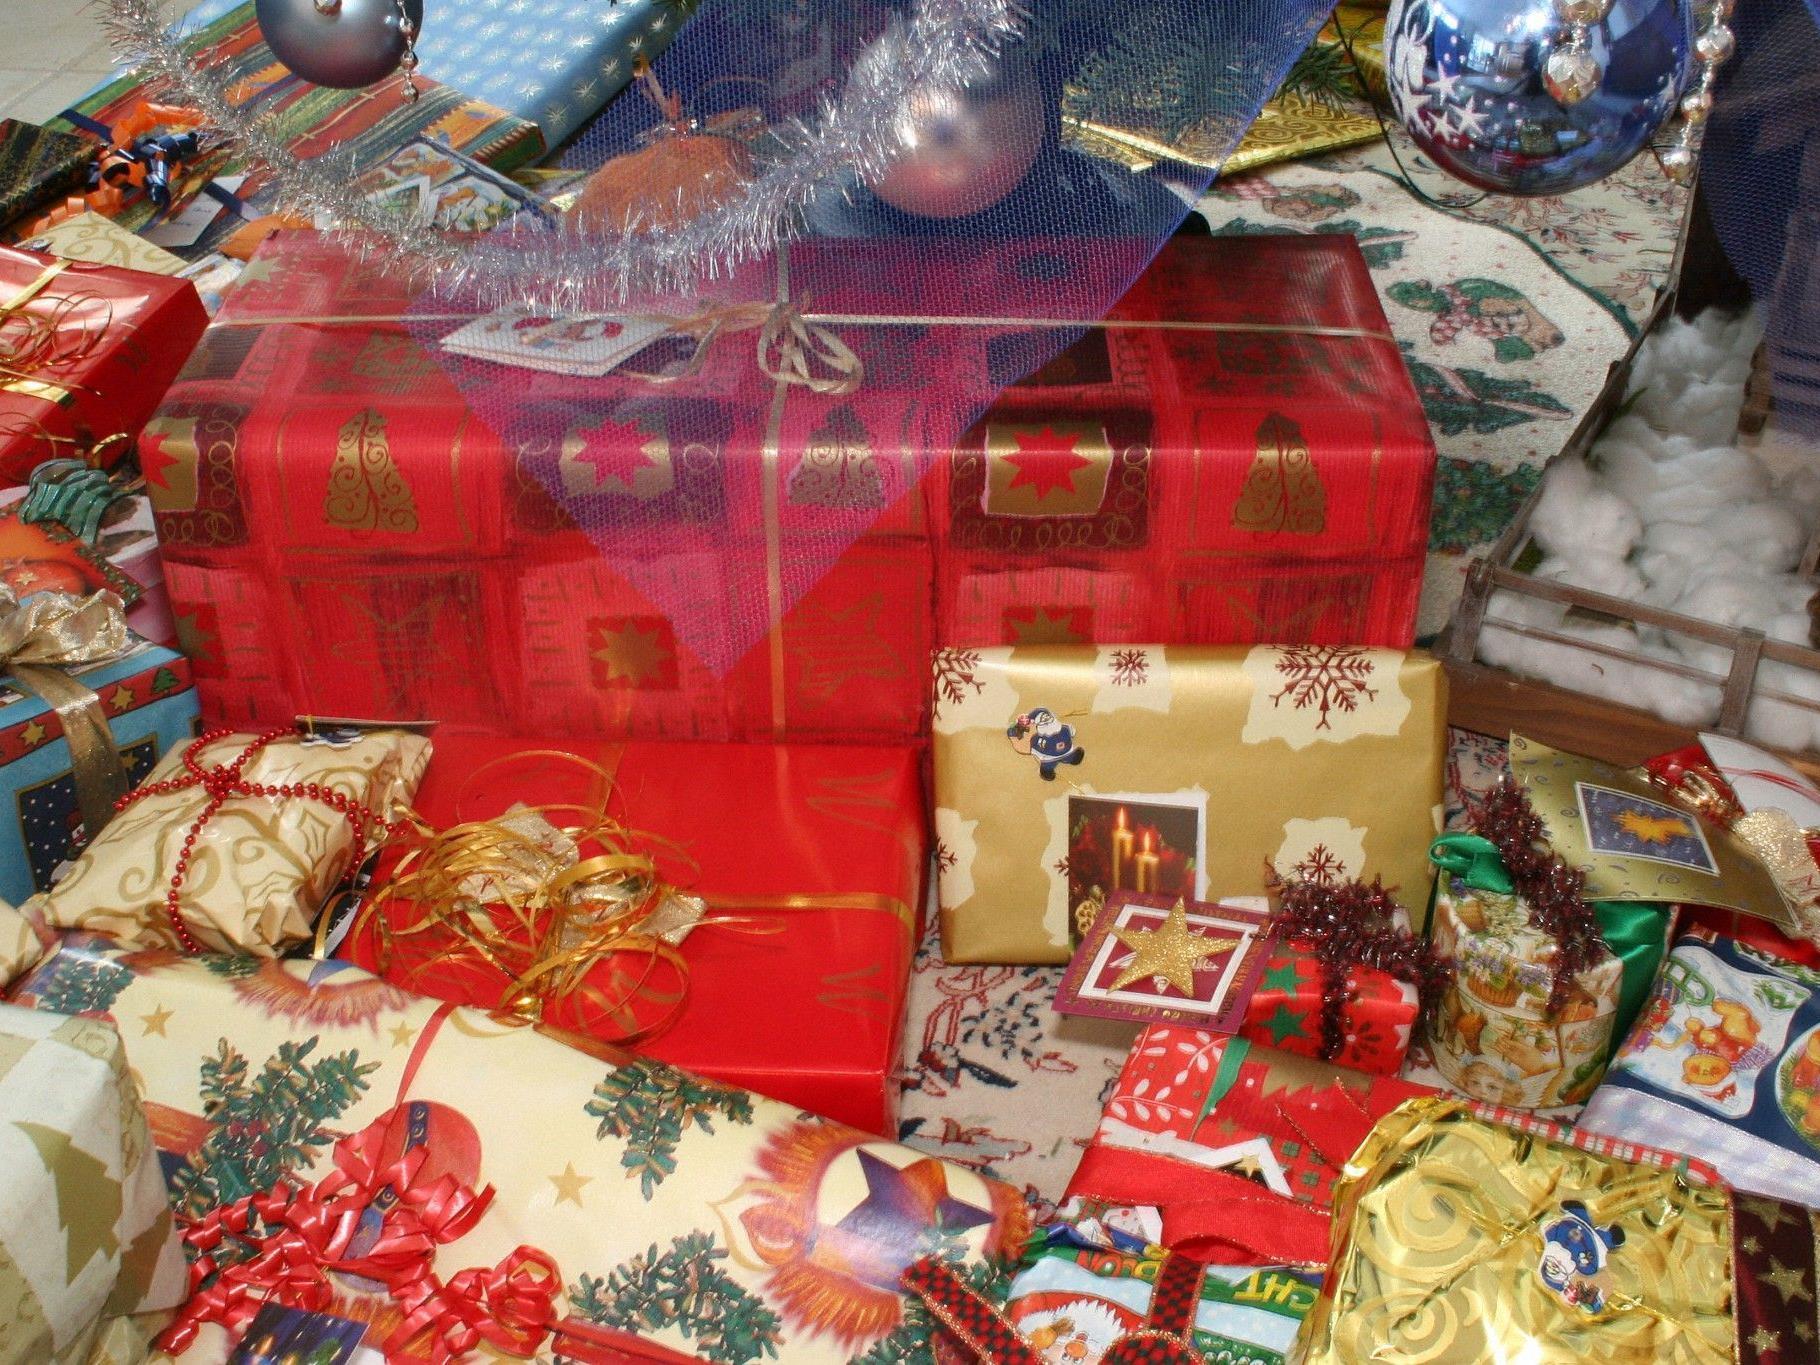 Die passenden Weihnachtsgeschenke für die 12 Sternzeichen - SALZBURG24